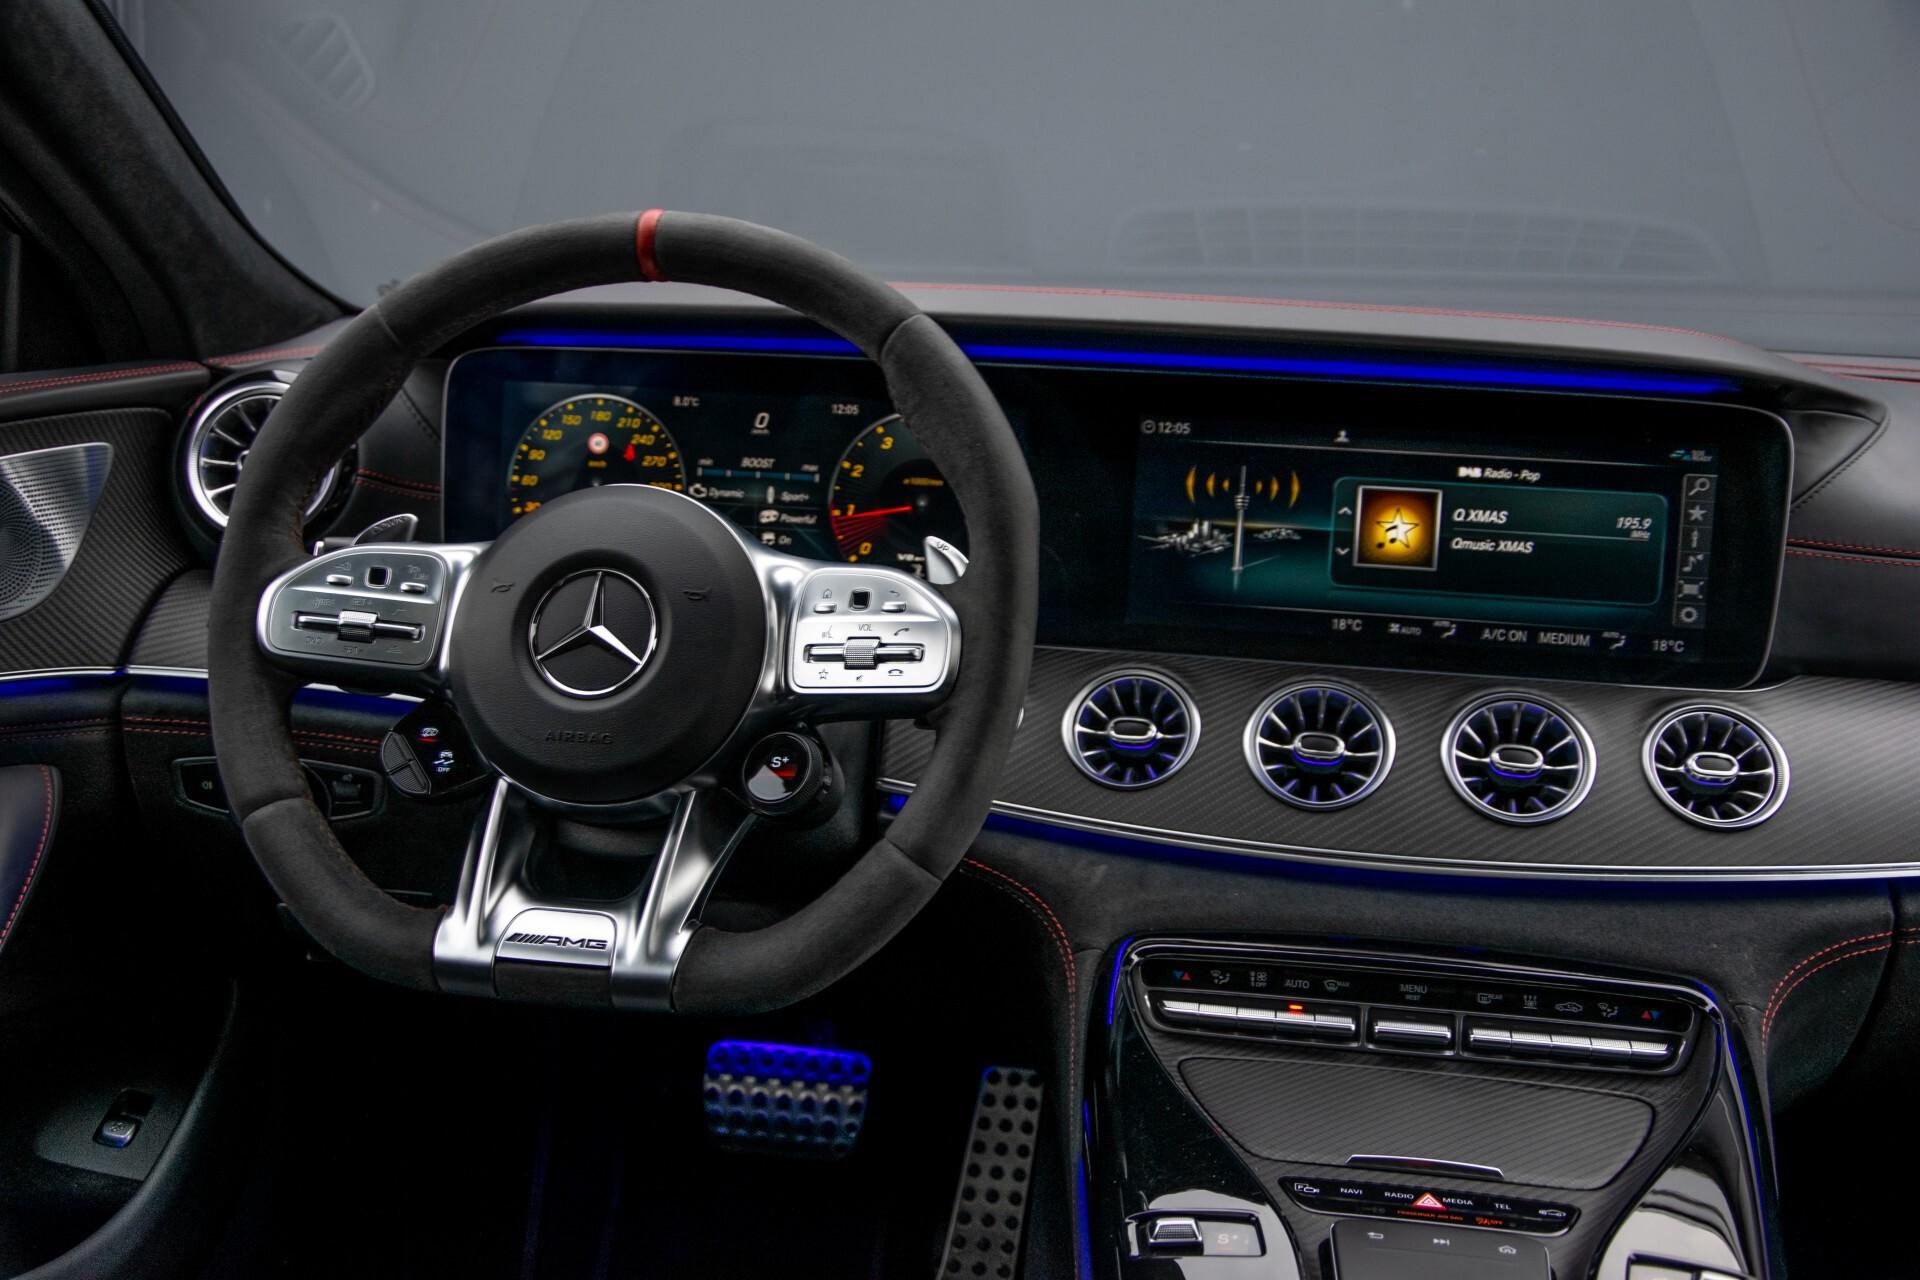 Mercedes-Benz AMG GT 4-Door Coupe 63 S 4M+ Keramisch/Full Carbon/Aerodynamica/Burmester 3D/TV/Performance stoelen/Standkachel Aut9 Foto 6